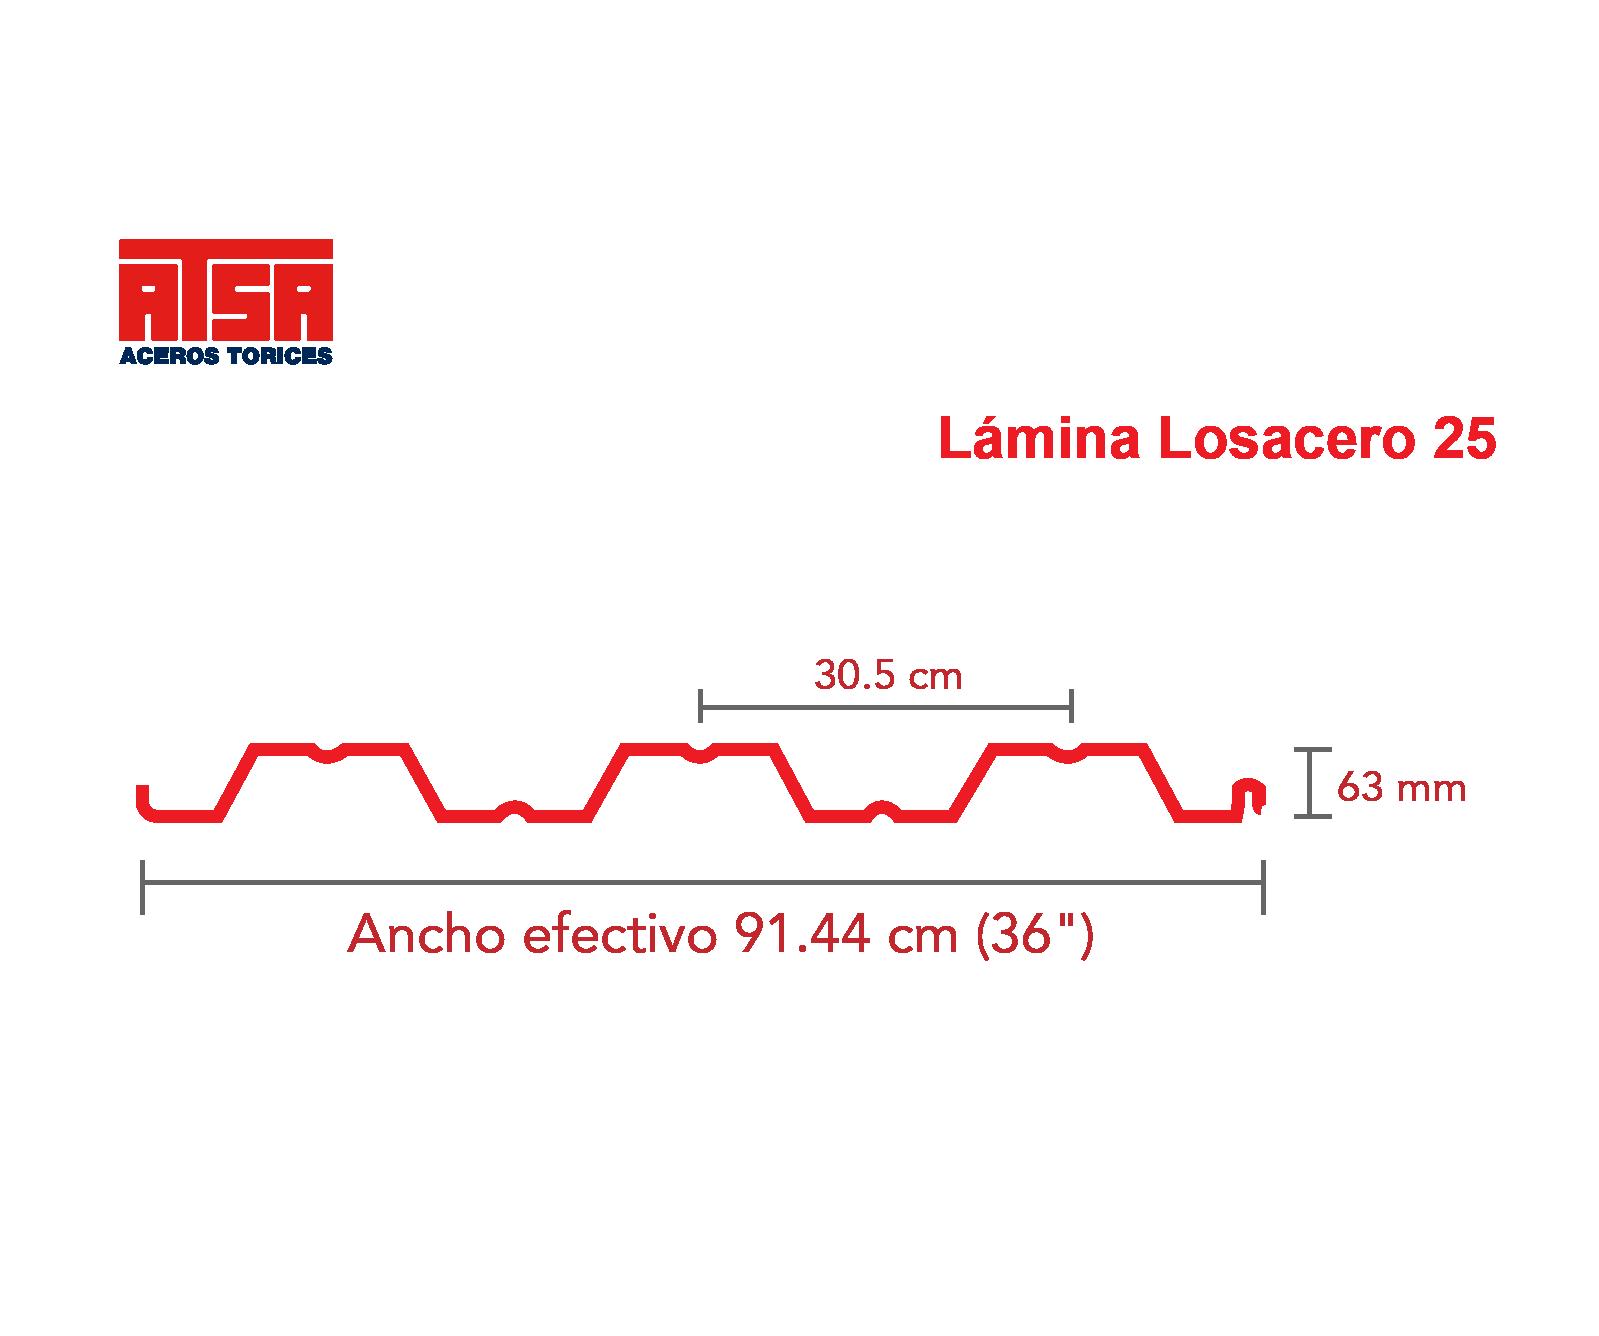 medidas-lamina-losacero-25-de-aceros-atsa